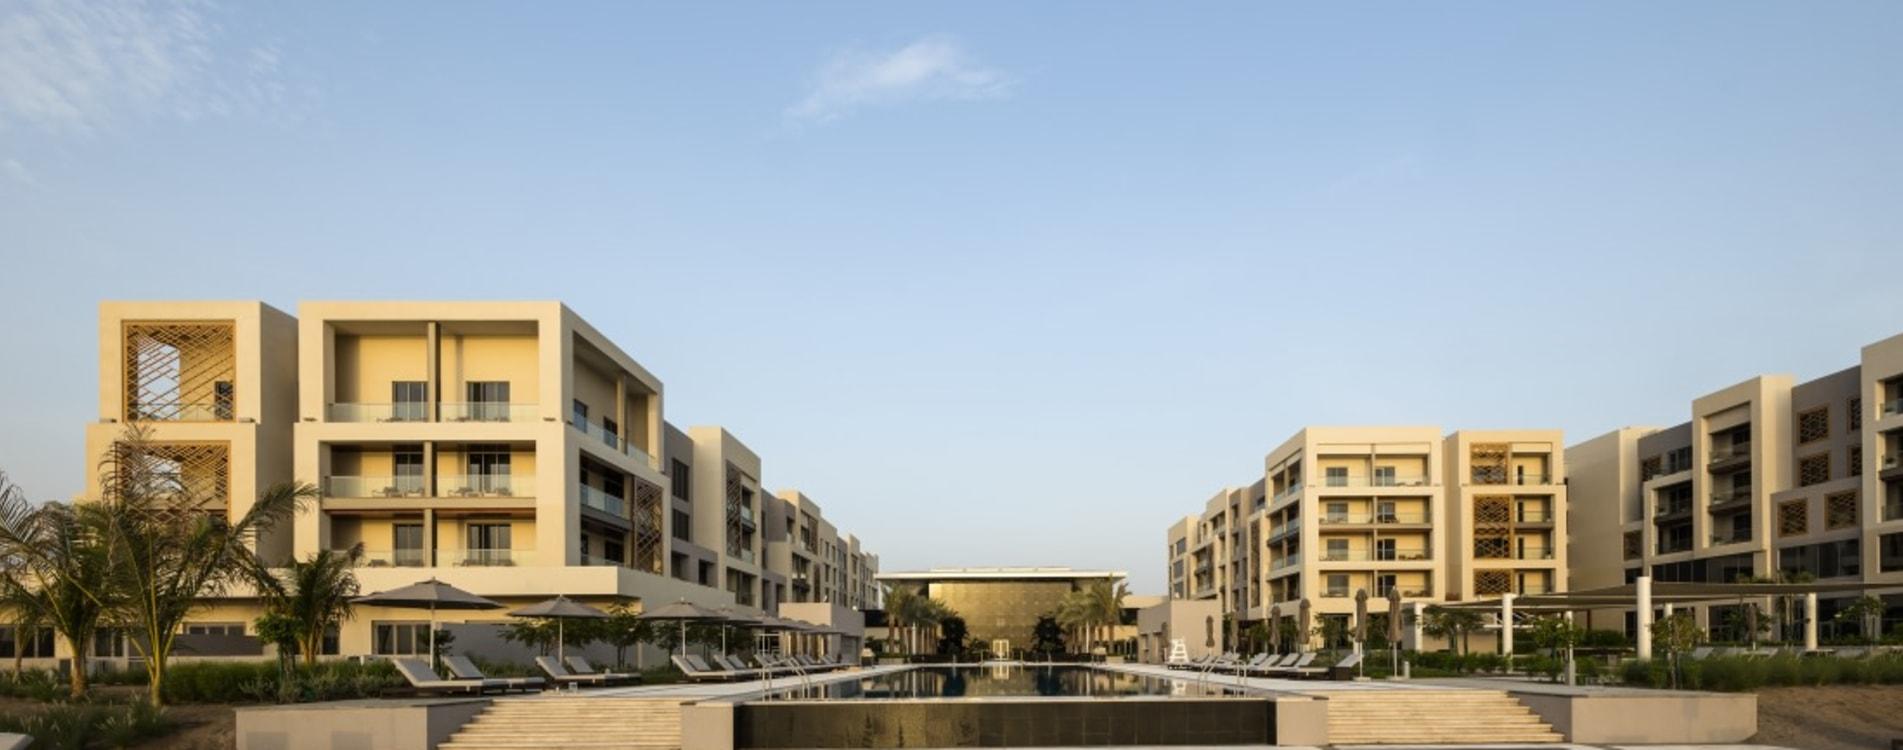 Kempinski-Hotel-Muscat-Exterior-Fassade-Oman.jpg